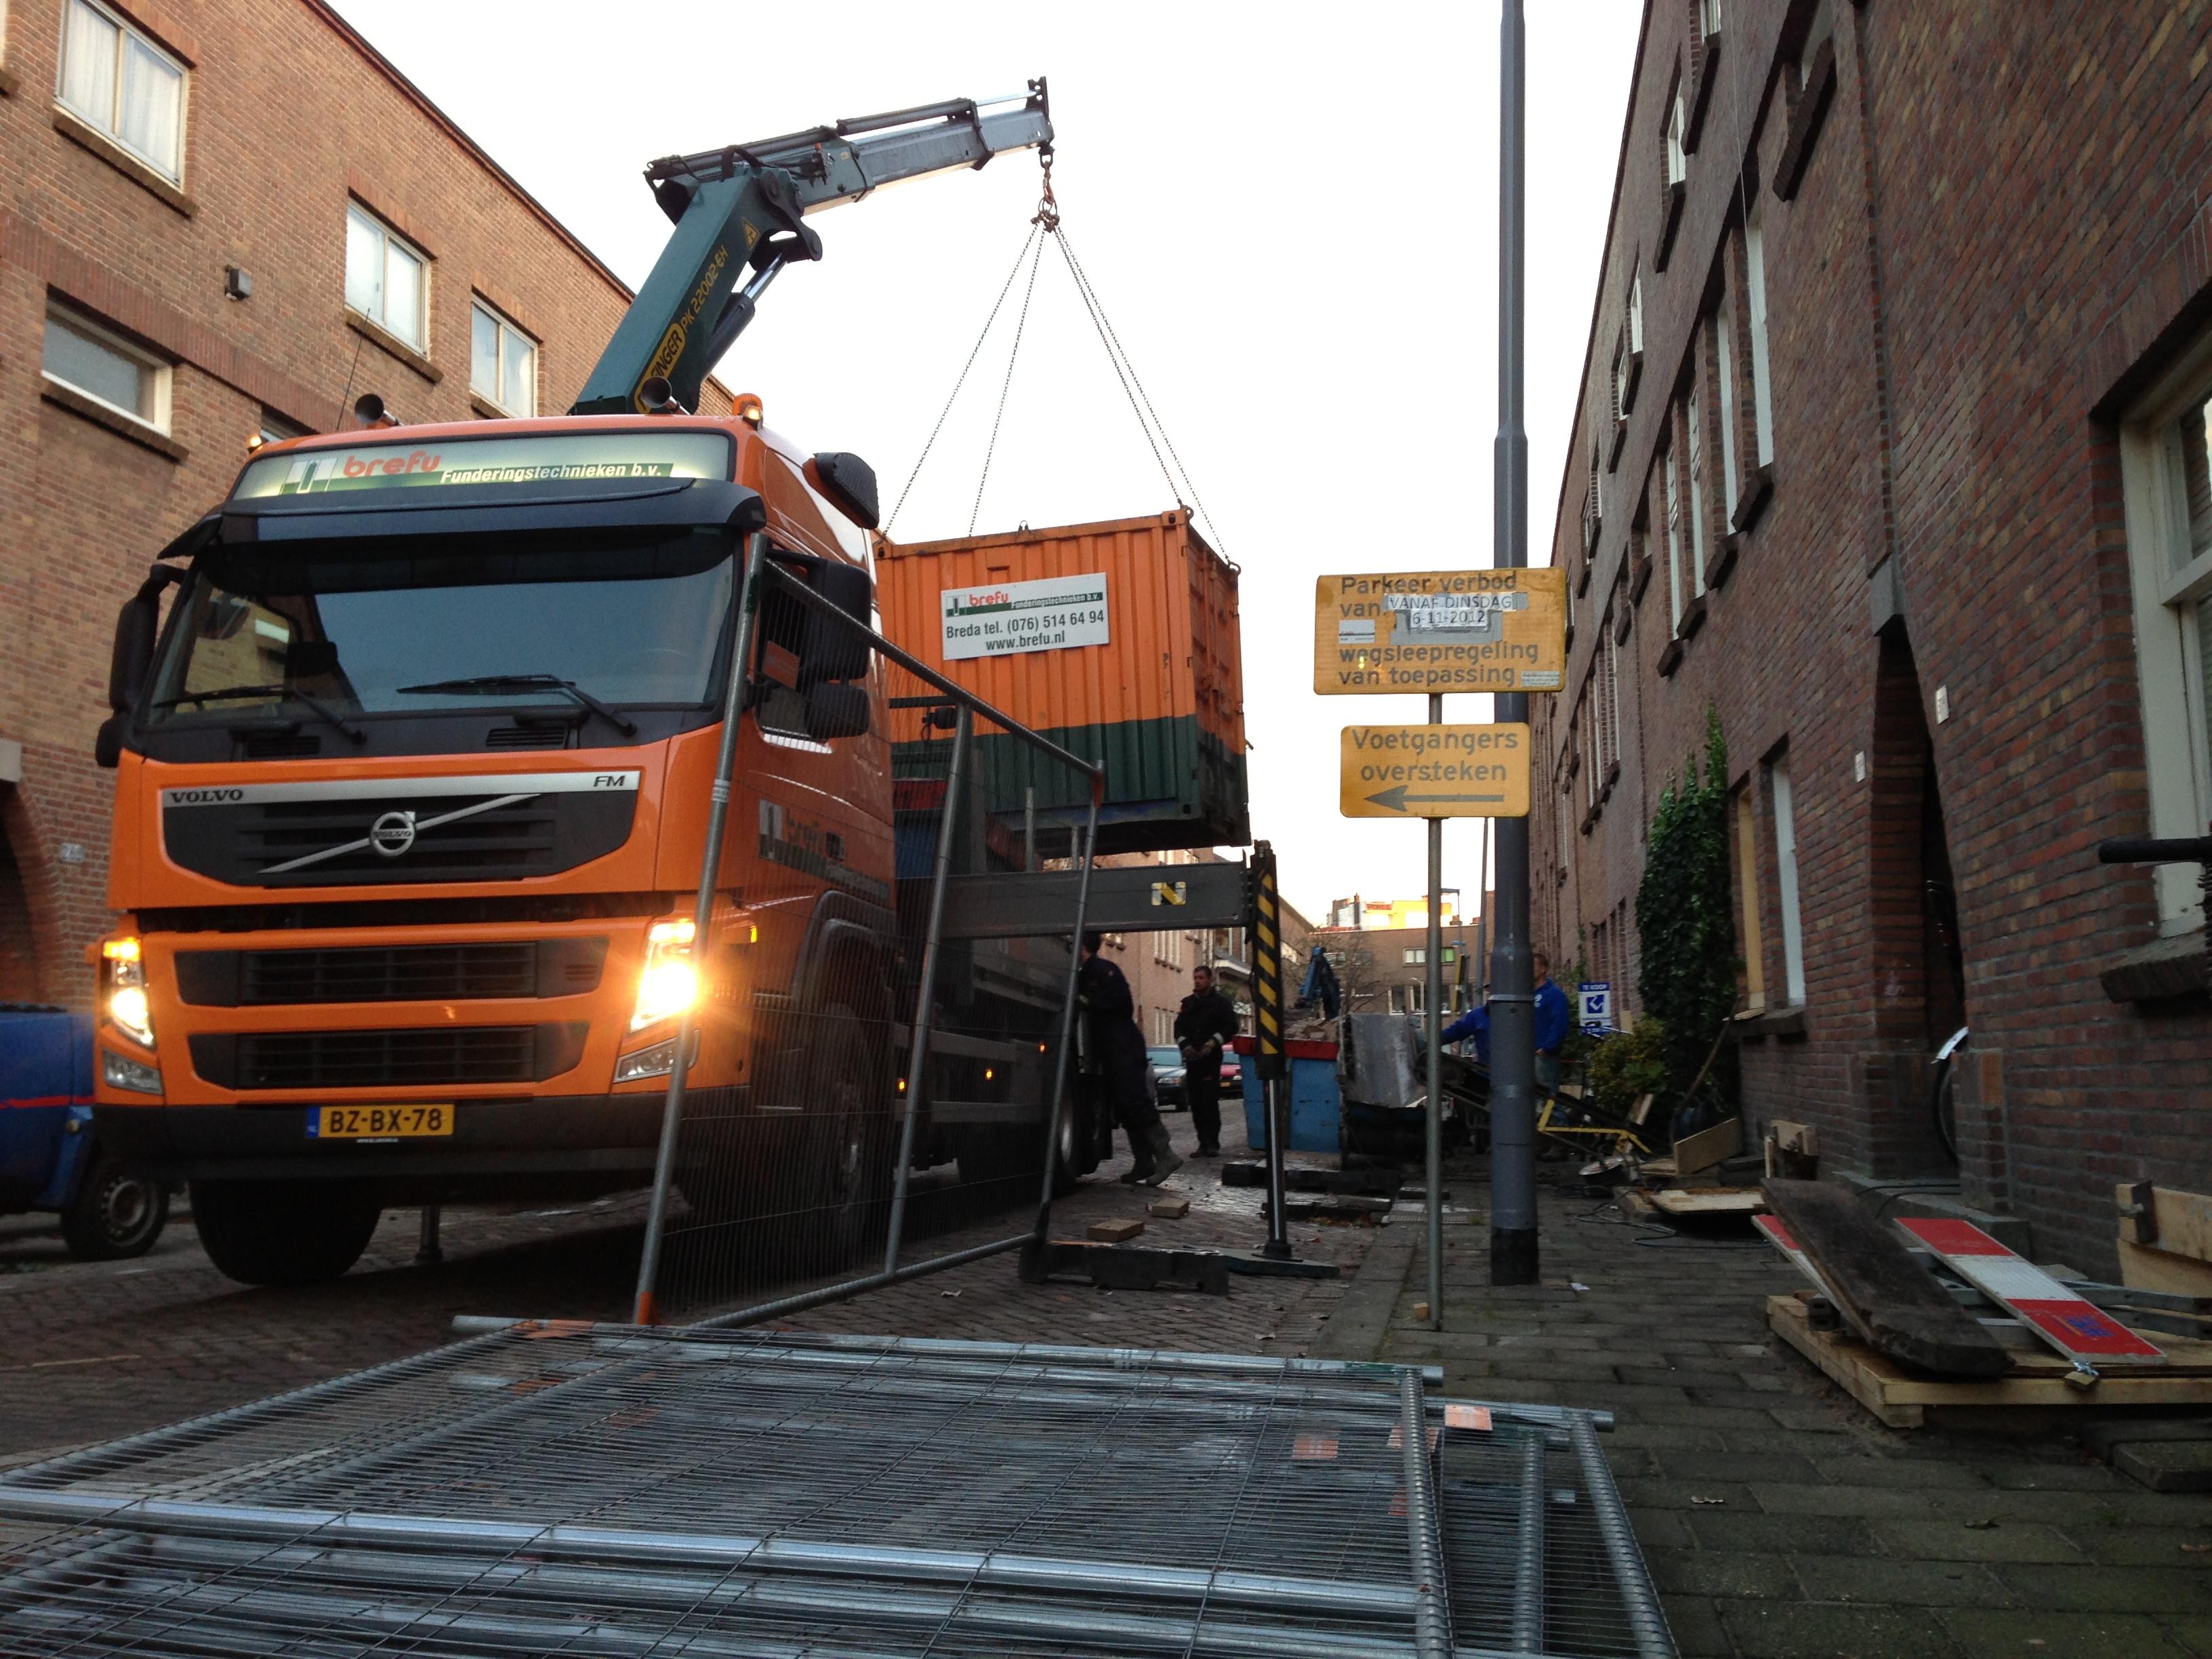 De bouwplaats wordt ingericht.